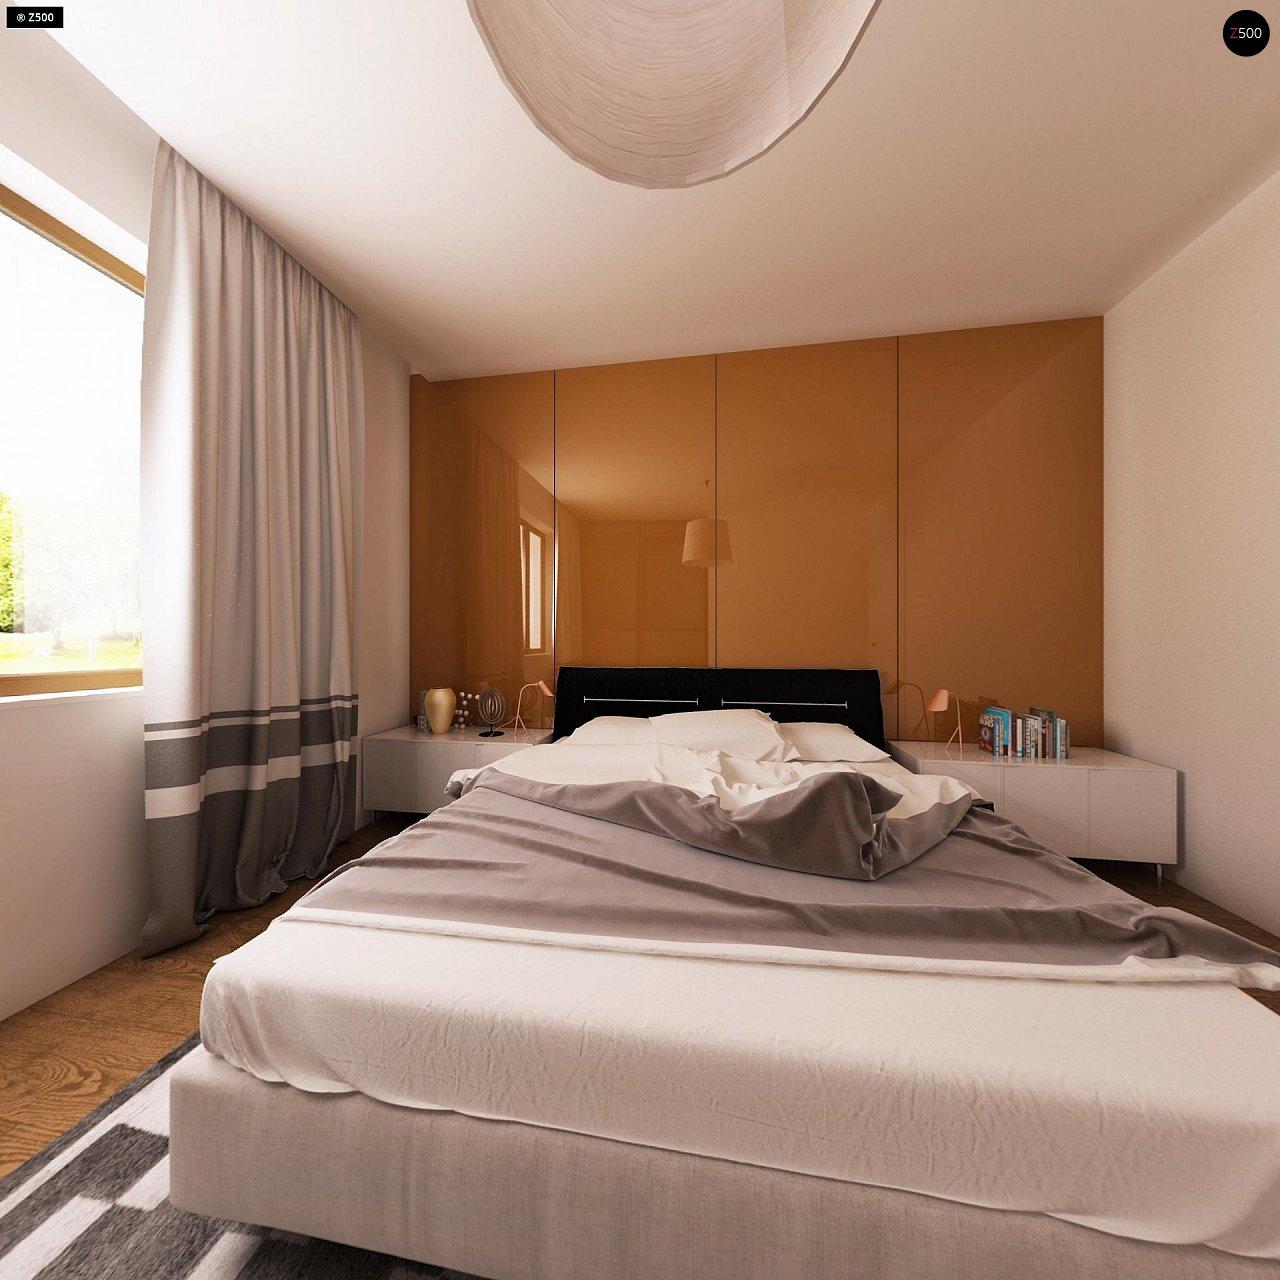 Функциональный одноэтажный дом с современными элементами отделки фасадов. - фото 12